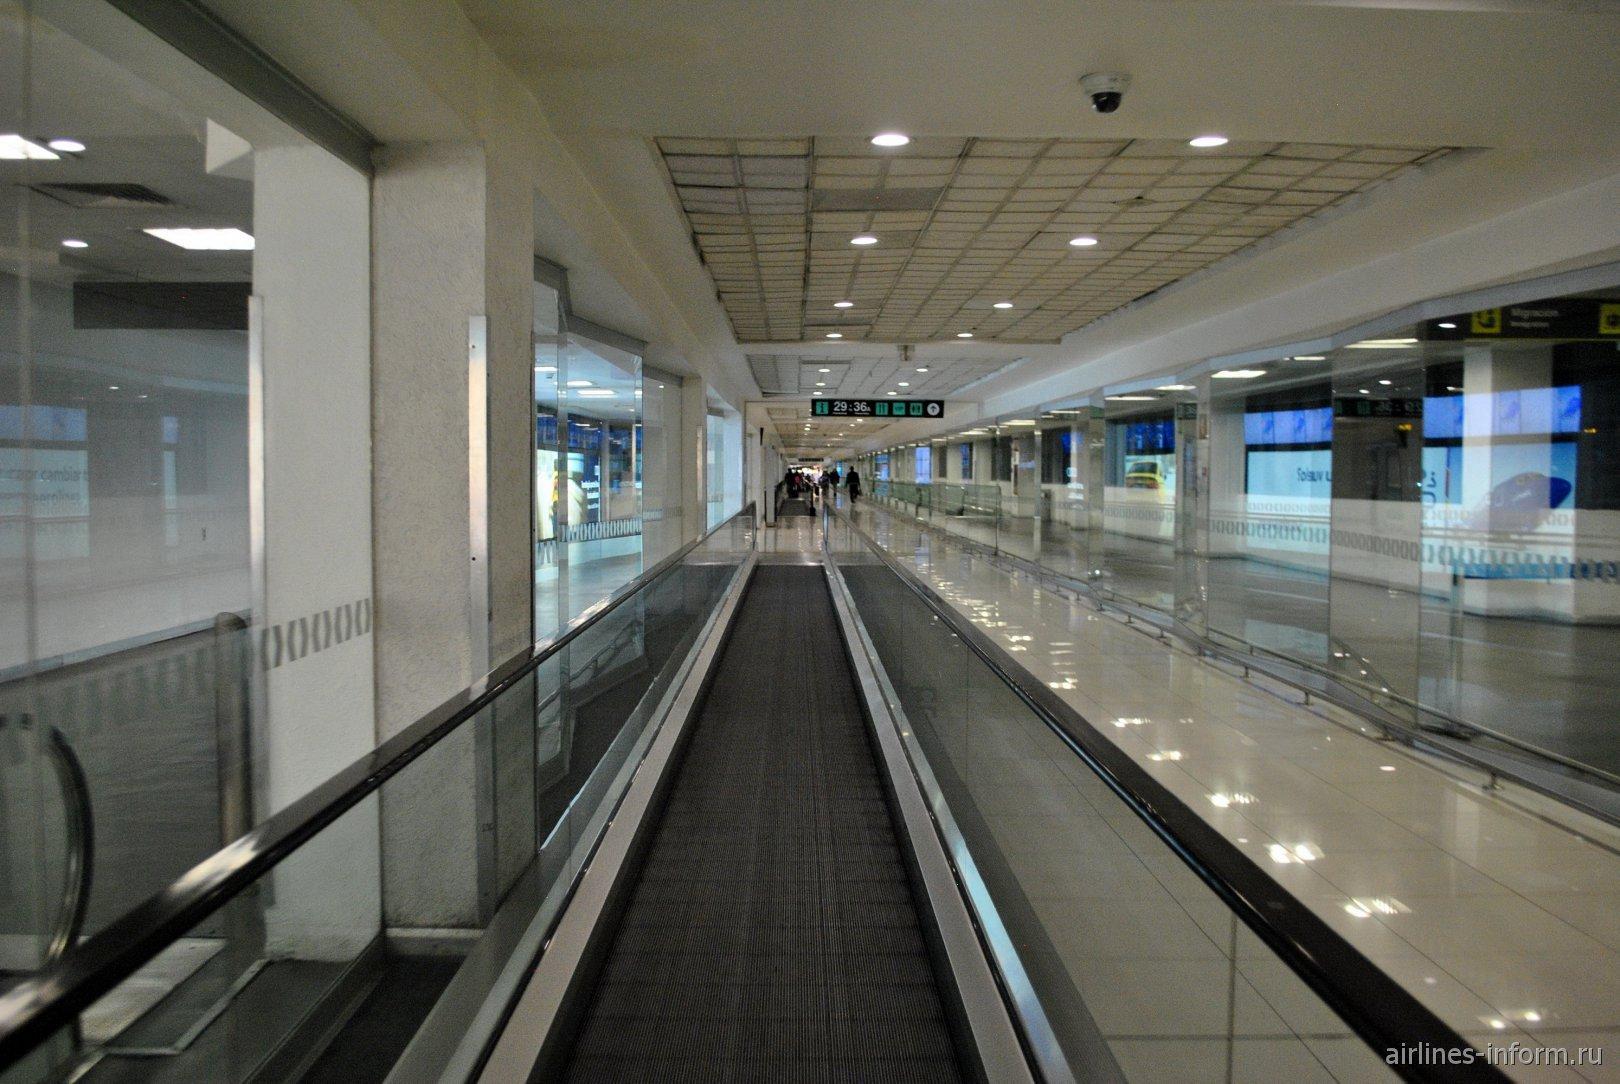 Траволаторы к удаленным гейтам в терминале Т1 аэропорта Мехико Бенито Хуарес